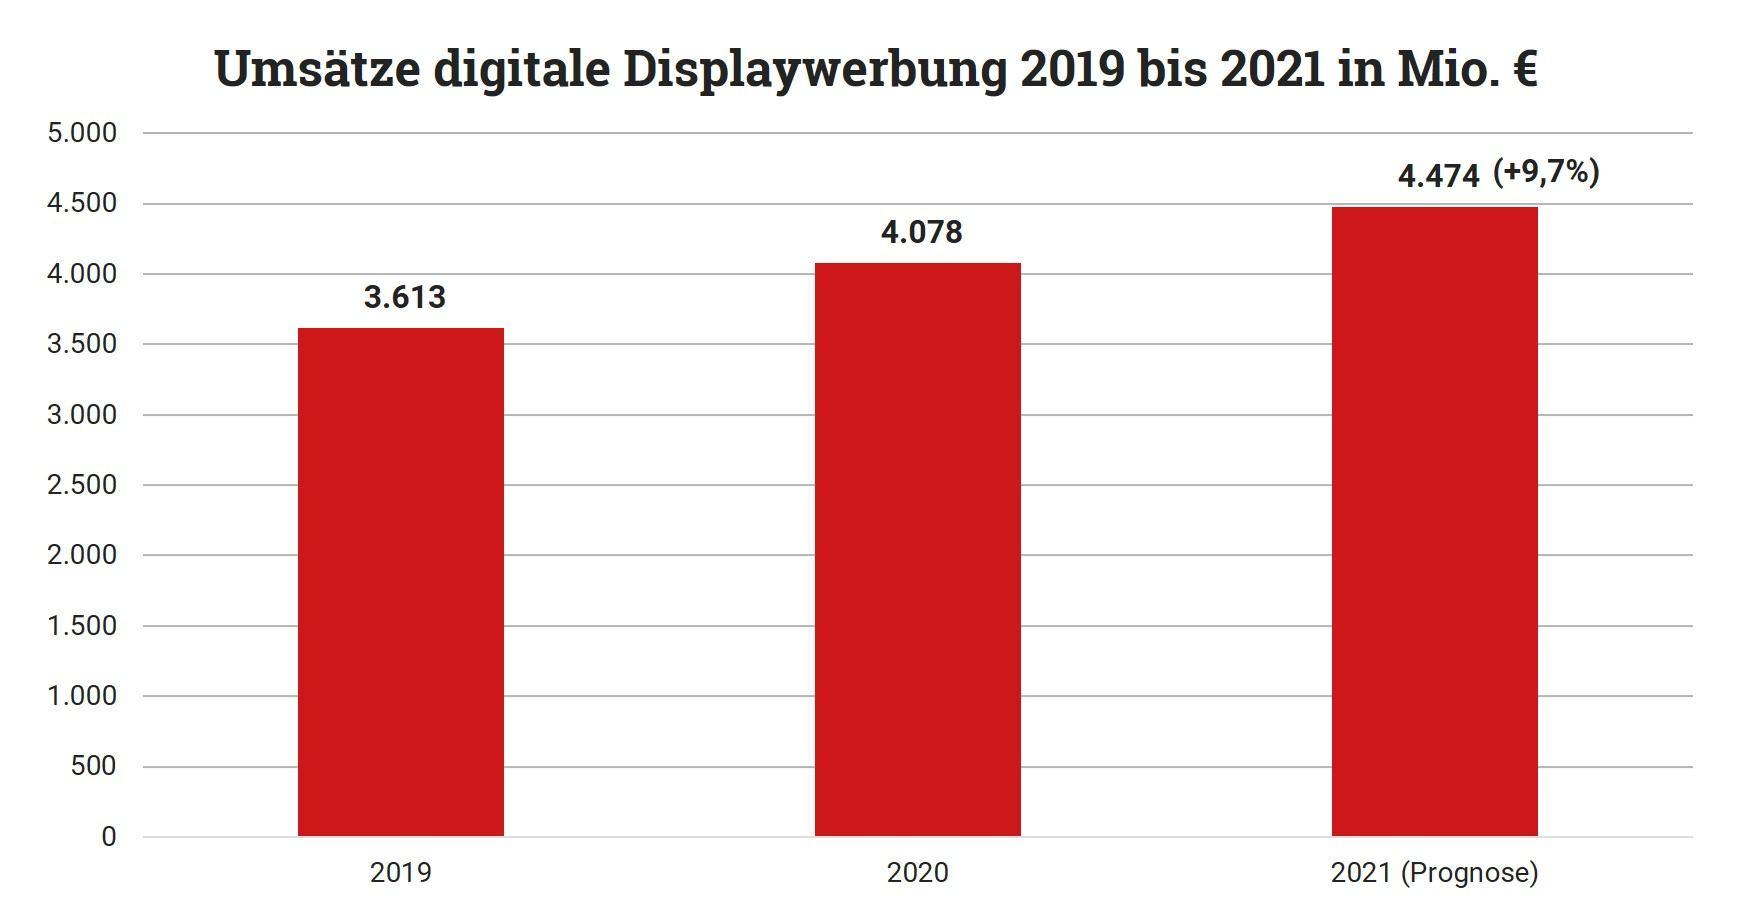 Umsätze digitale Displaywerbung 2019 bis 2021